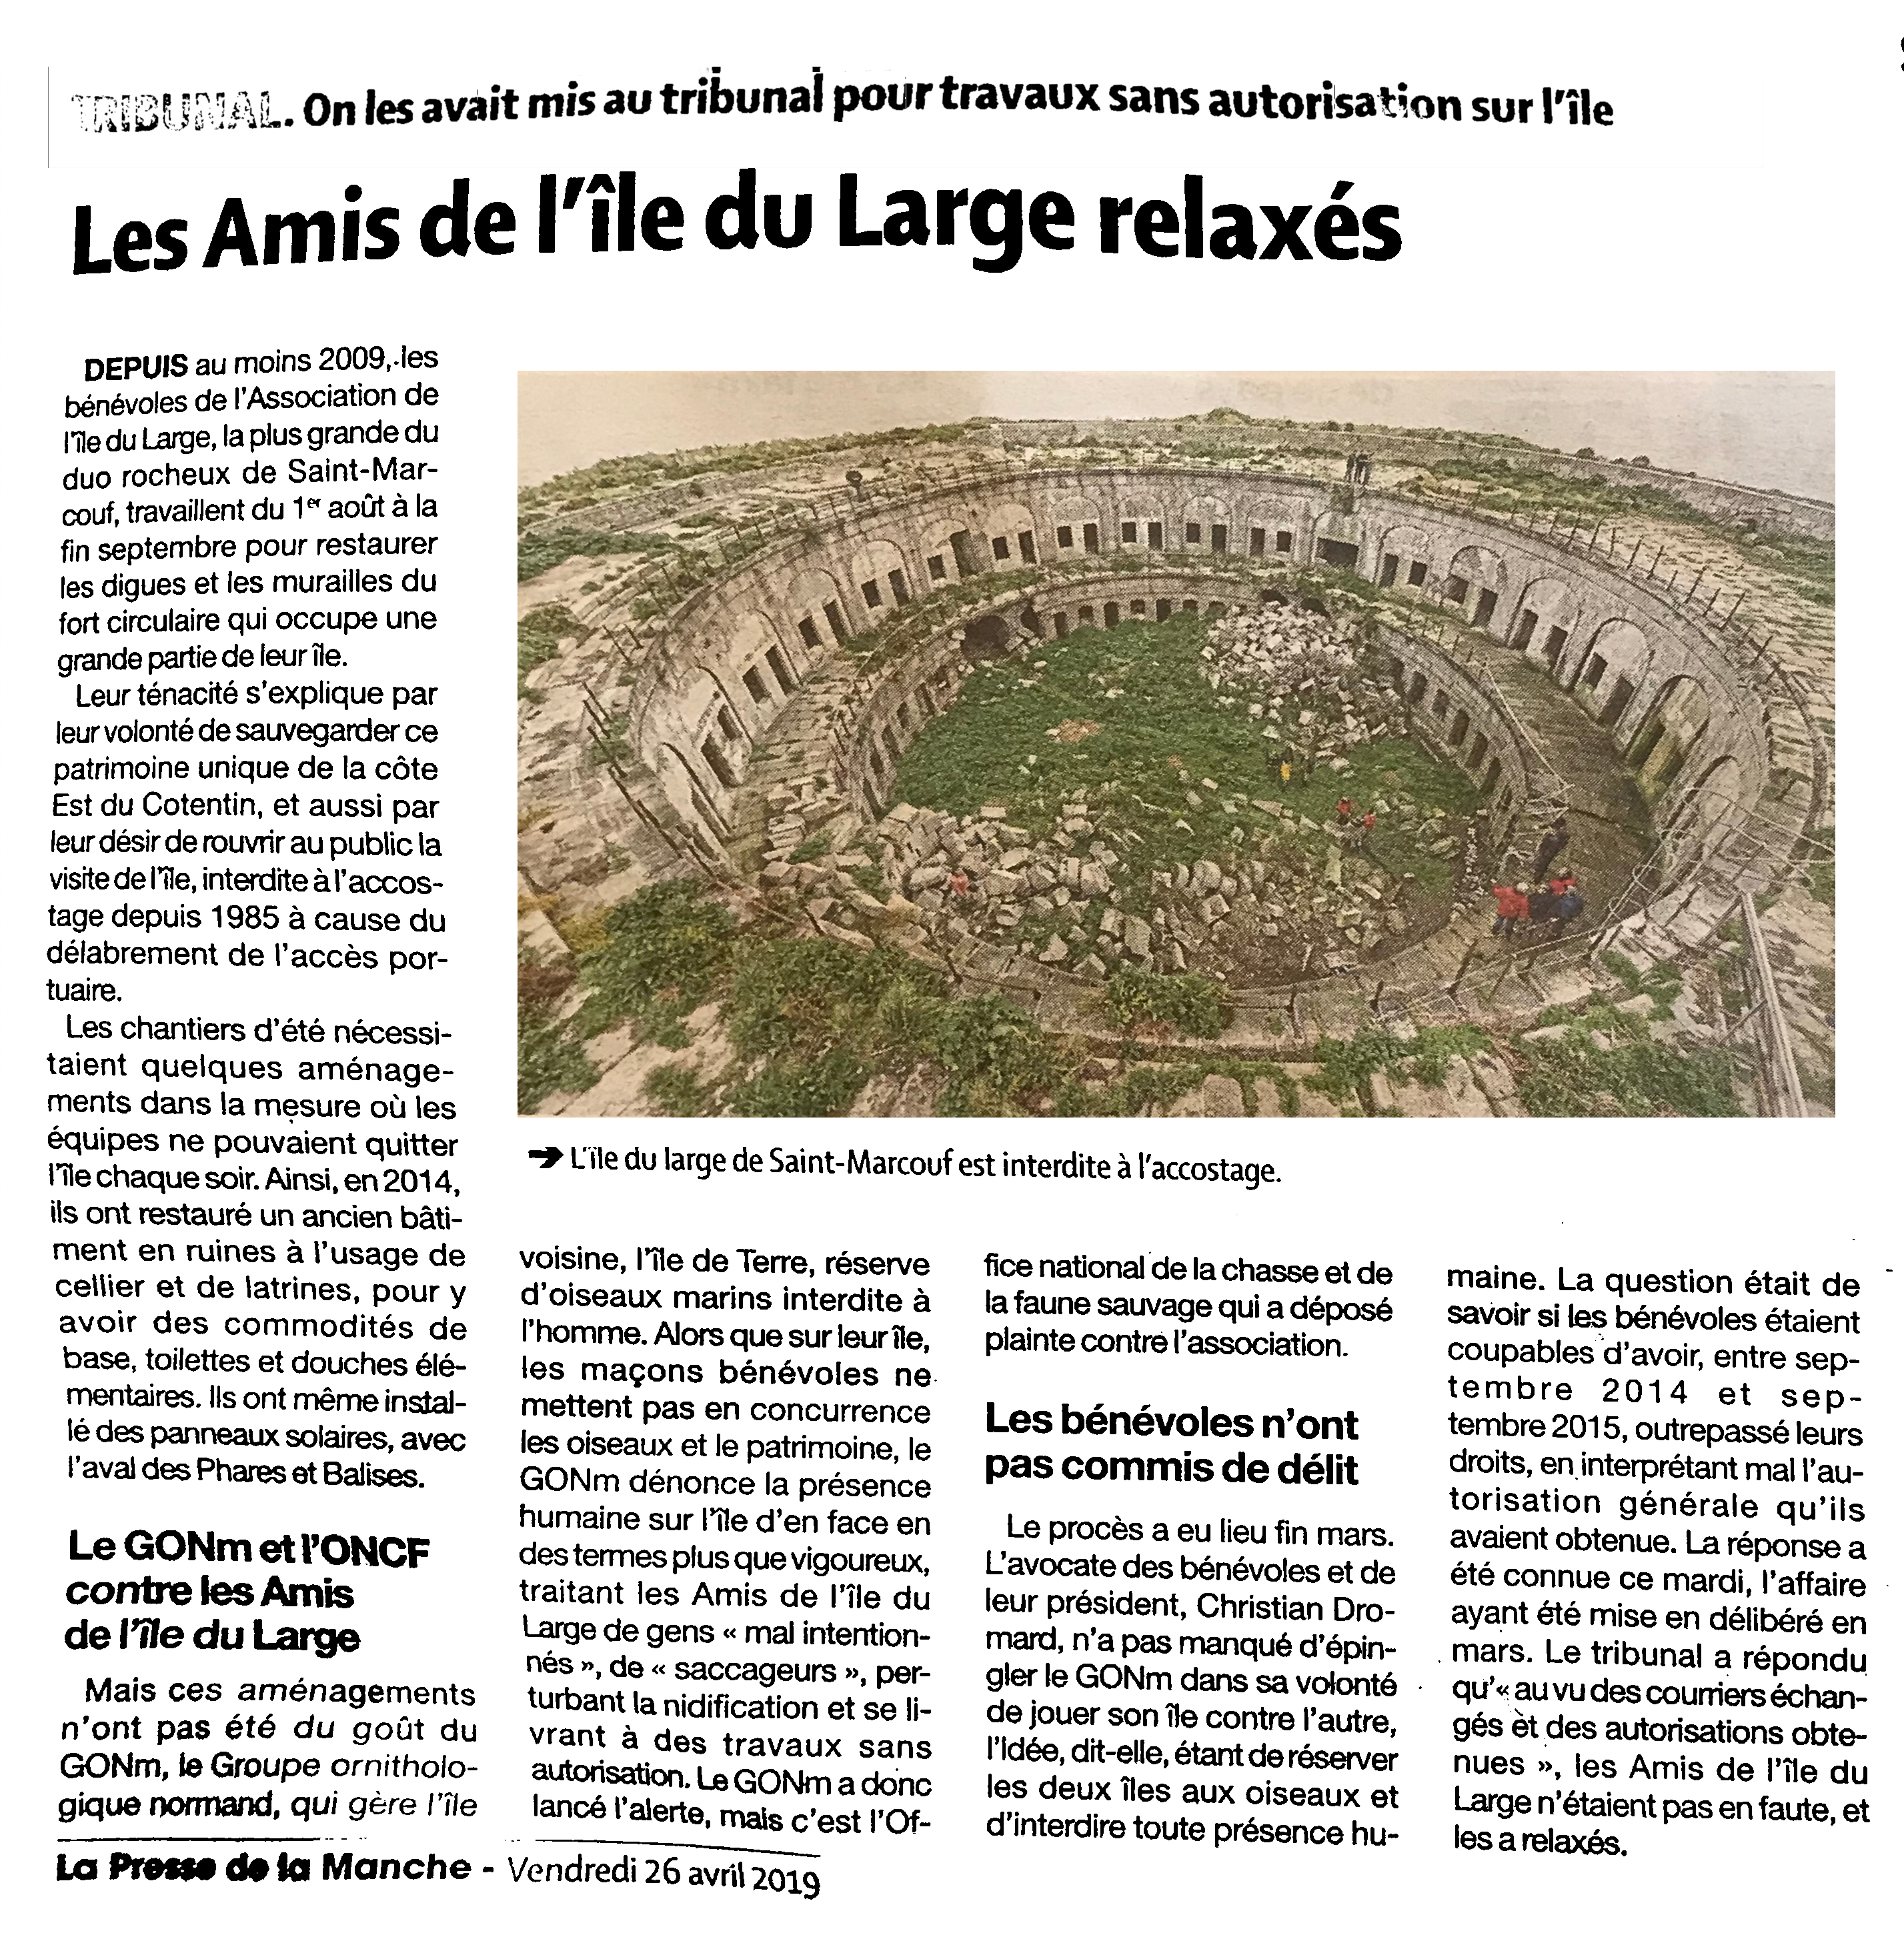 La Presse de la Manche 26 avril 2019 : Les Amis de l'île du Large relaxés